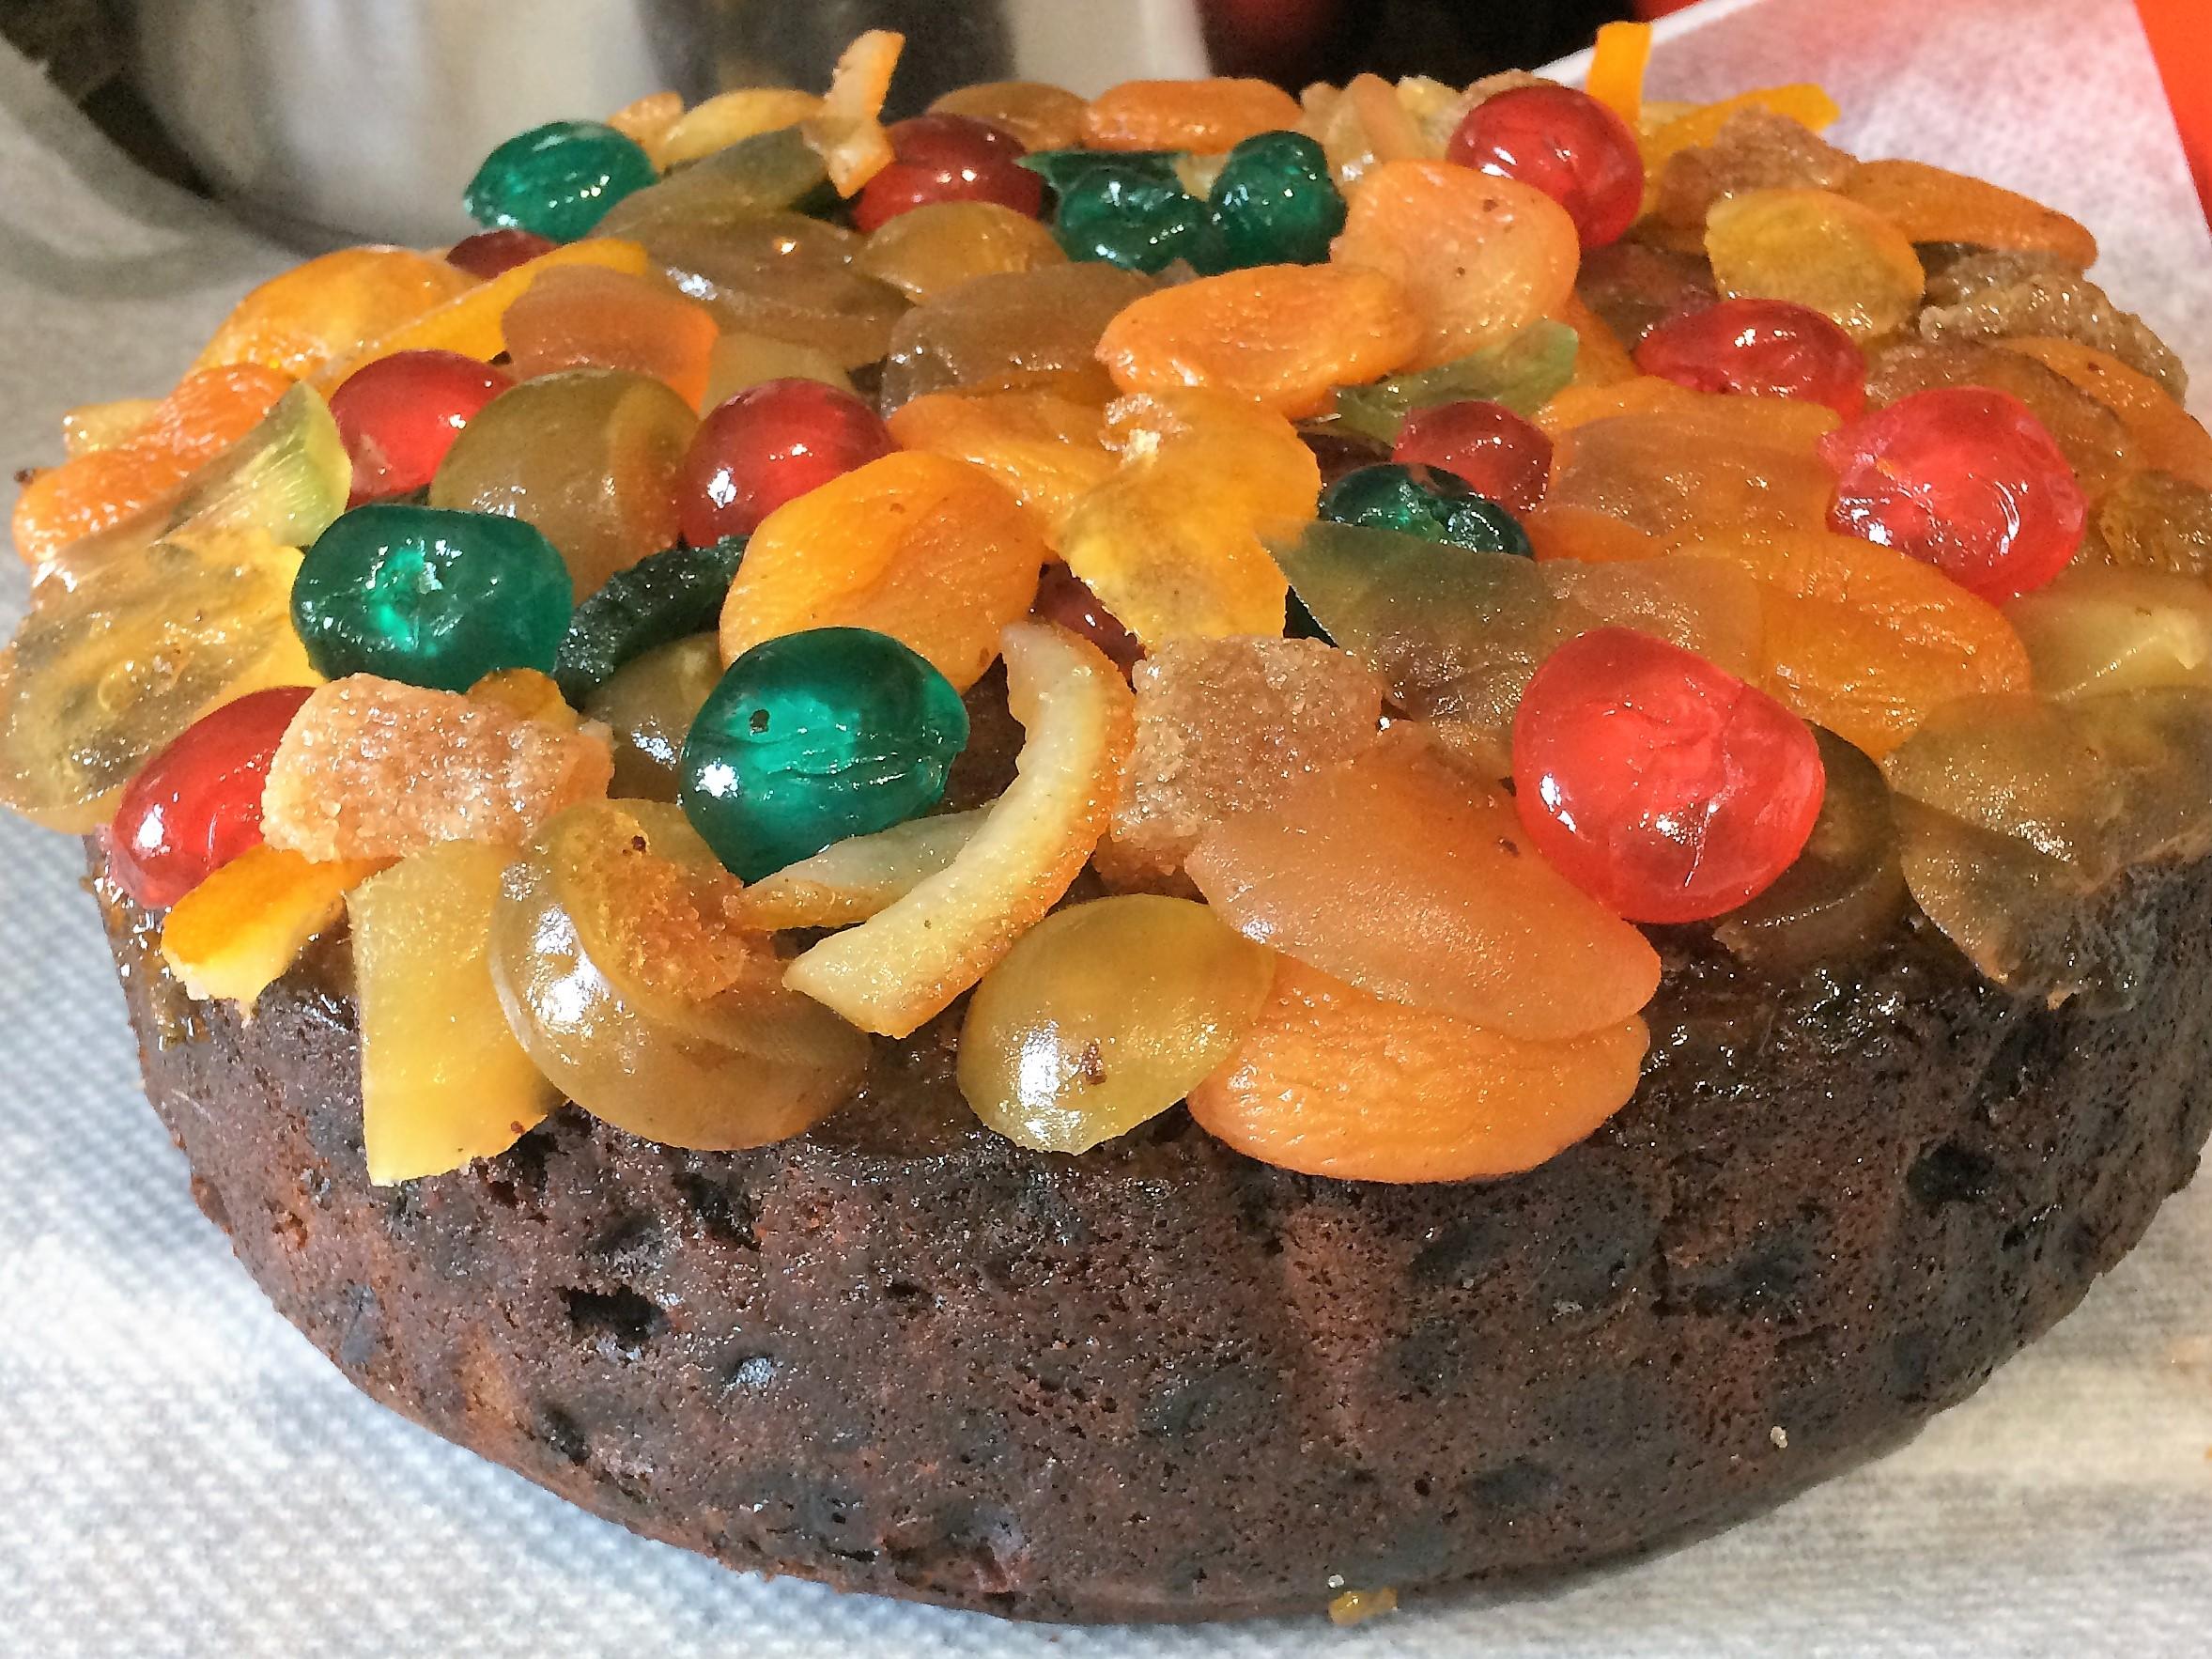 Viviane's Christmas Cake